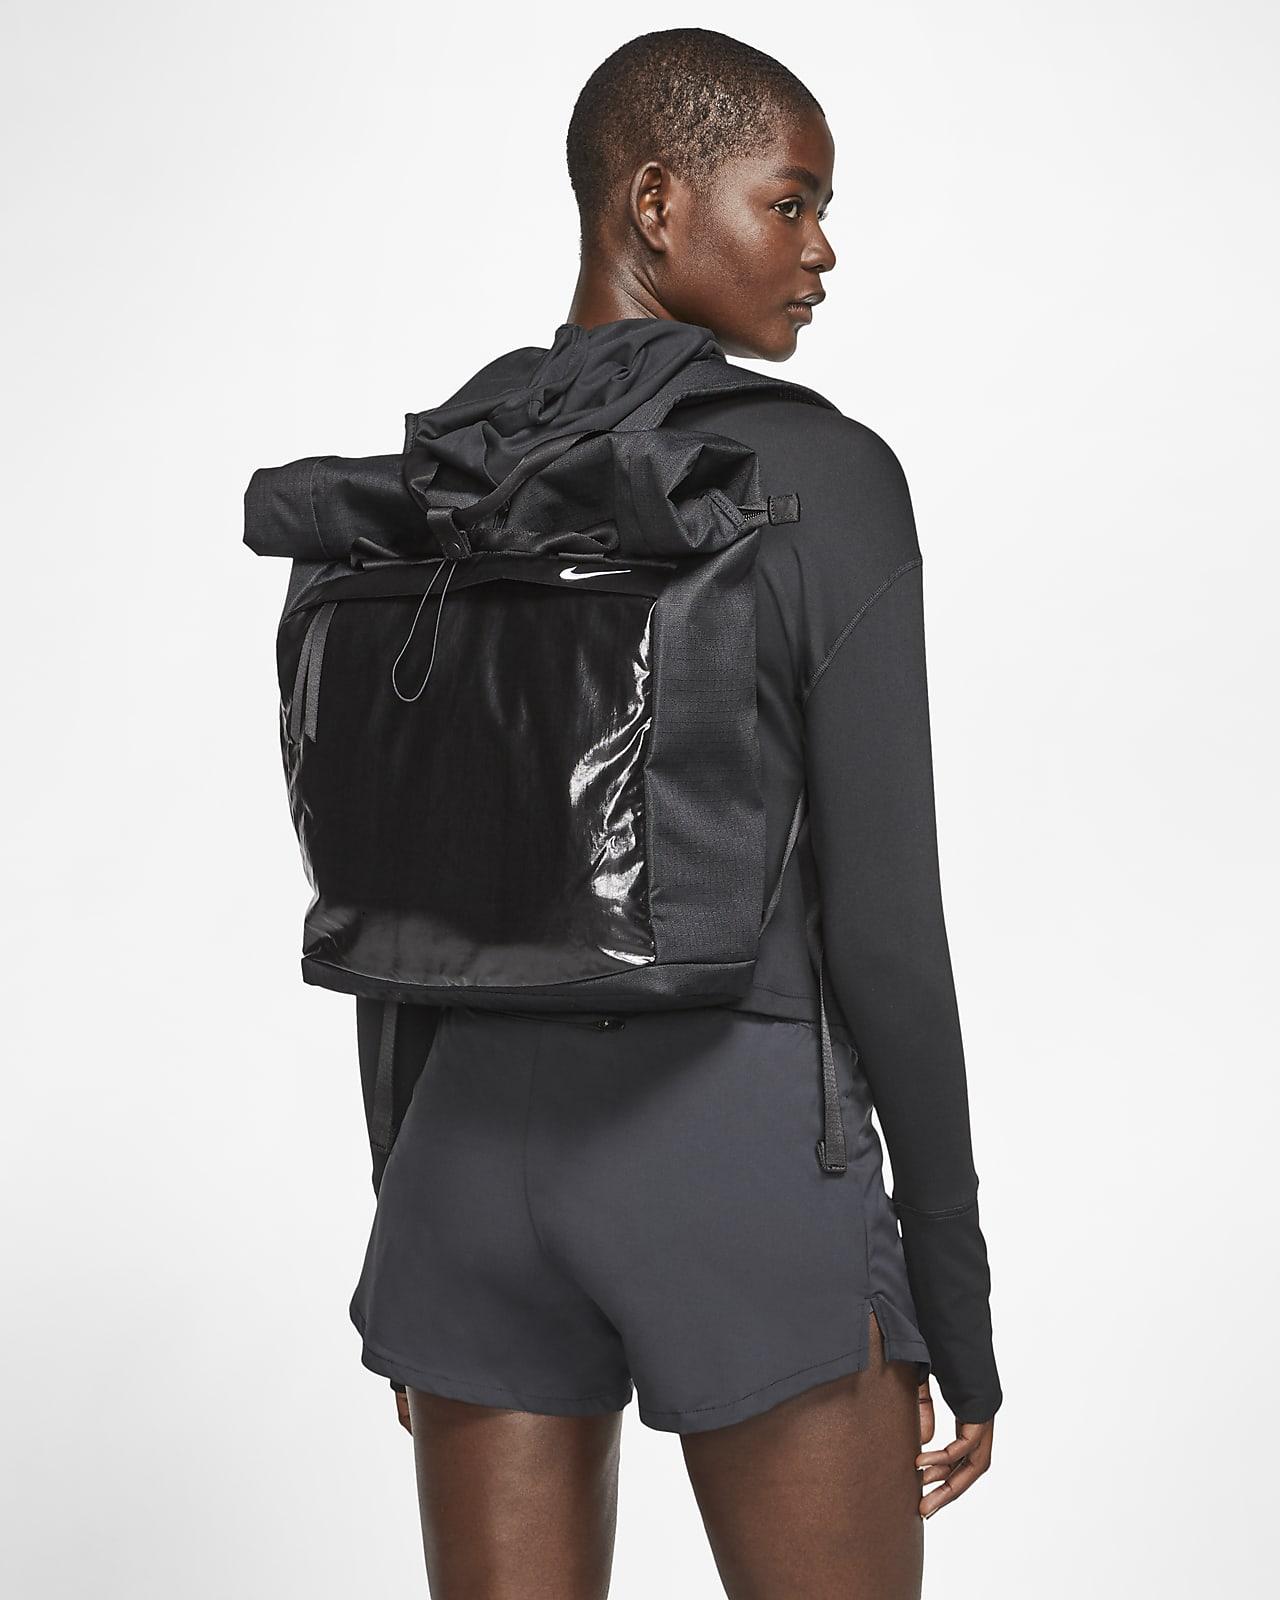 Mochila de entrenamiento para mujer Nike Radiate